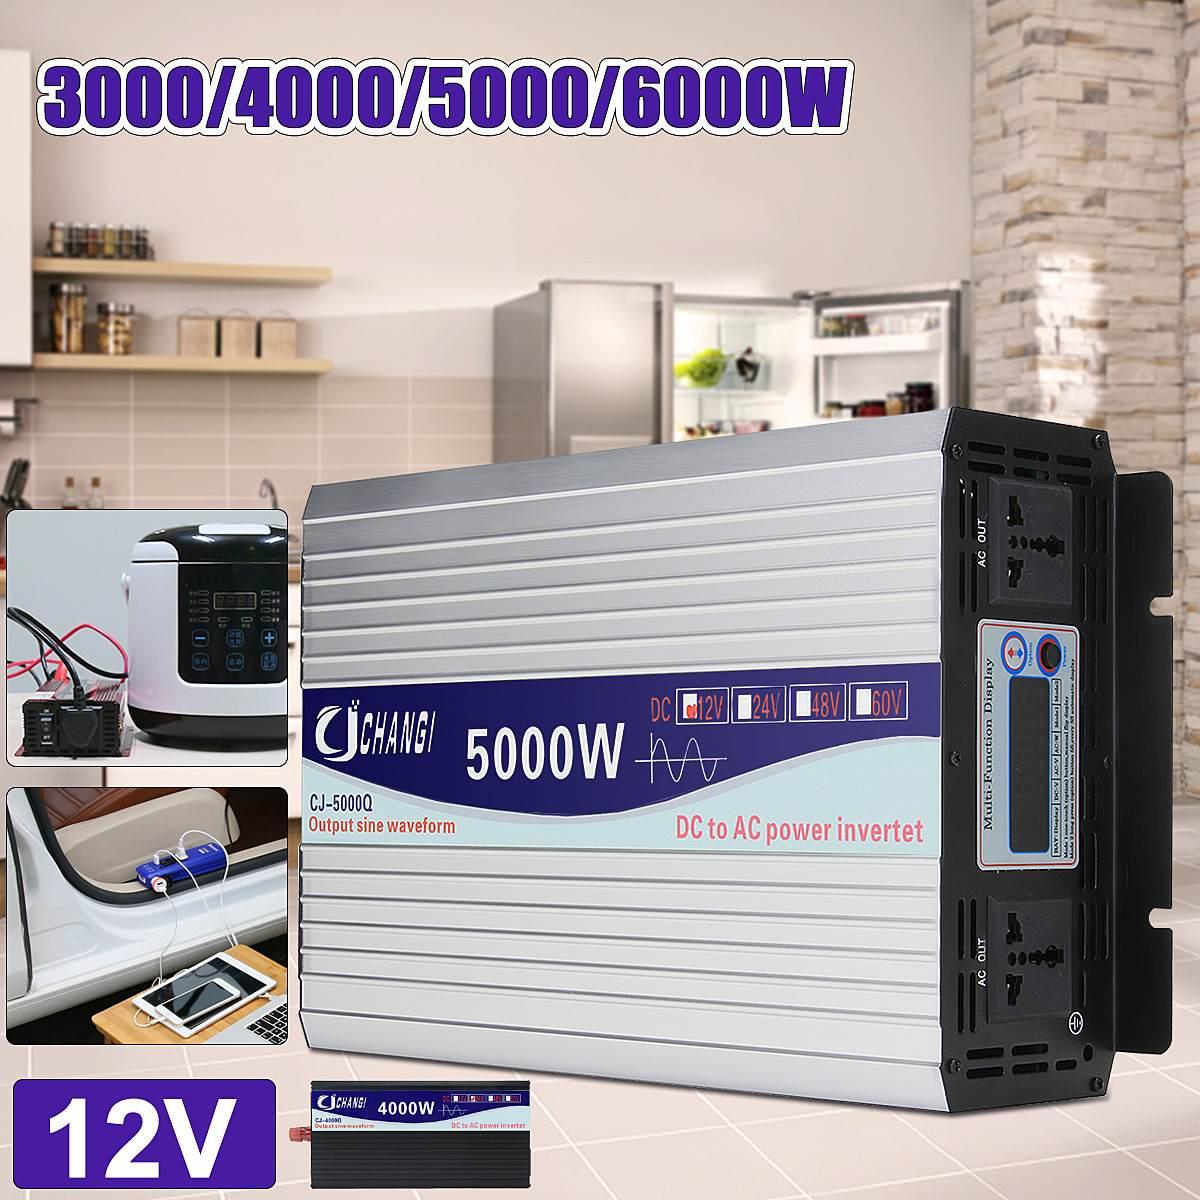 3000/4000/5000/6000W przenośny 12/24V do AC 220V inwerter słoneczny mocy czysta fala sinusoidalna konwerter Adapter ekran LCD 93% konwersja